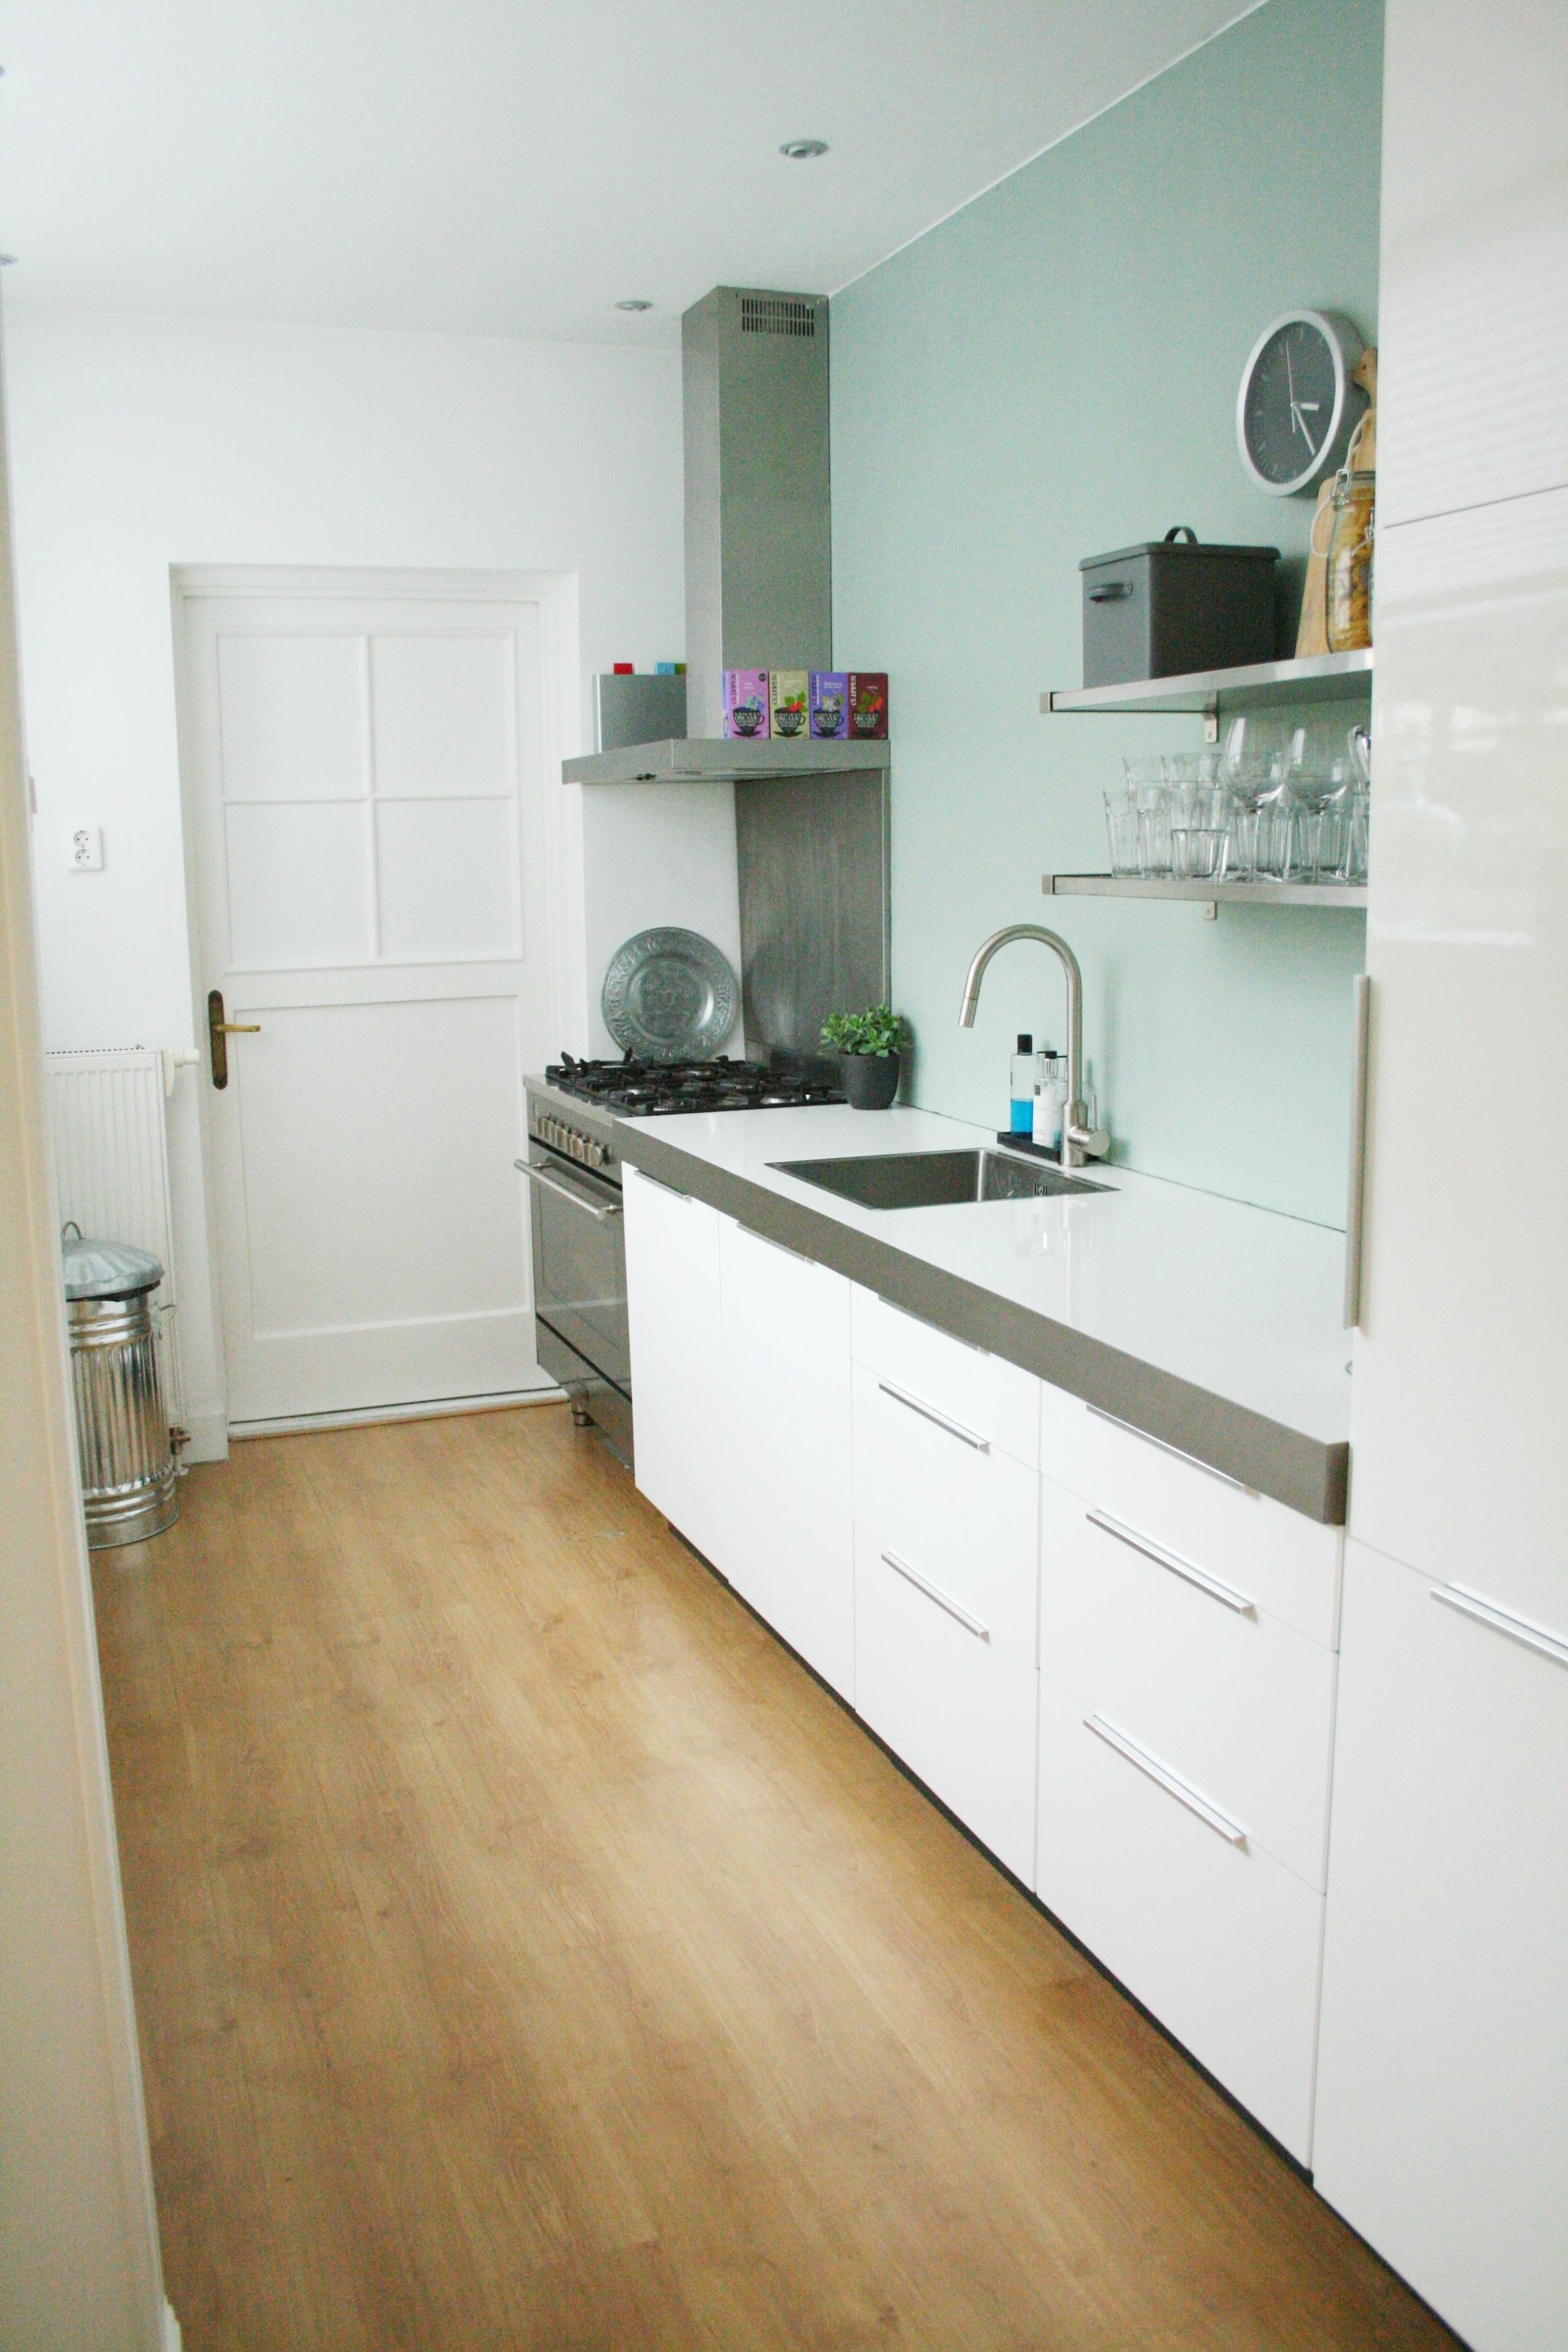 Iris en sander in hun jaren 39 30 huis in leeuwarden inspiratie voor je interieur - Hout en witte keuken ...